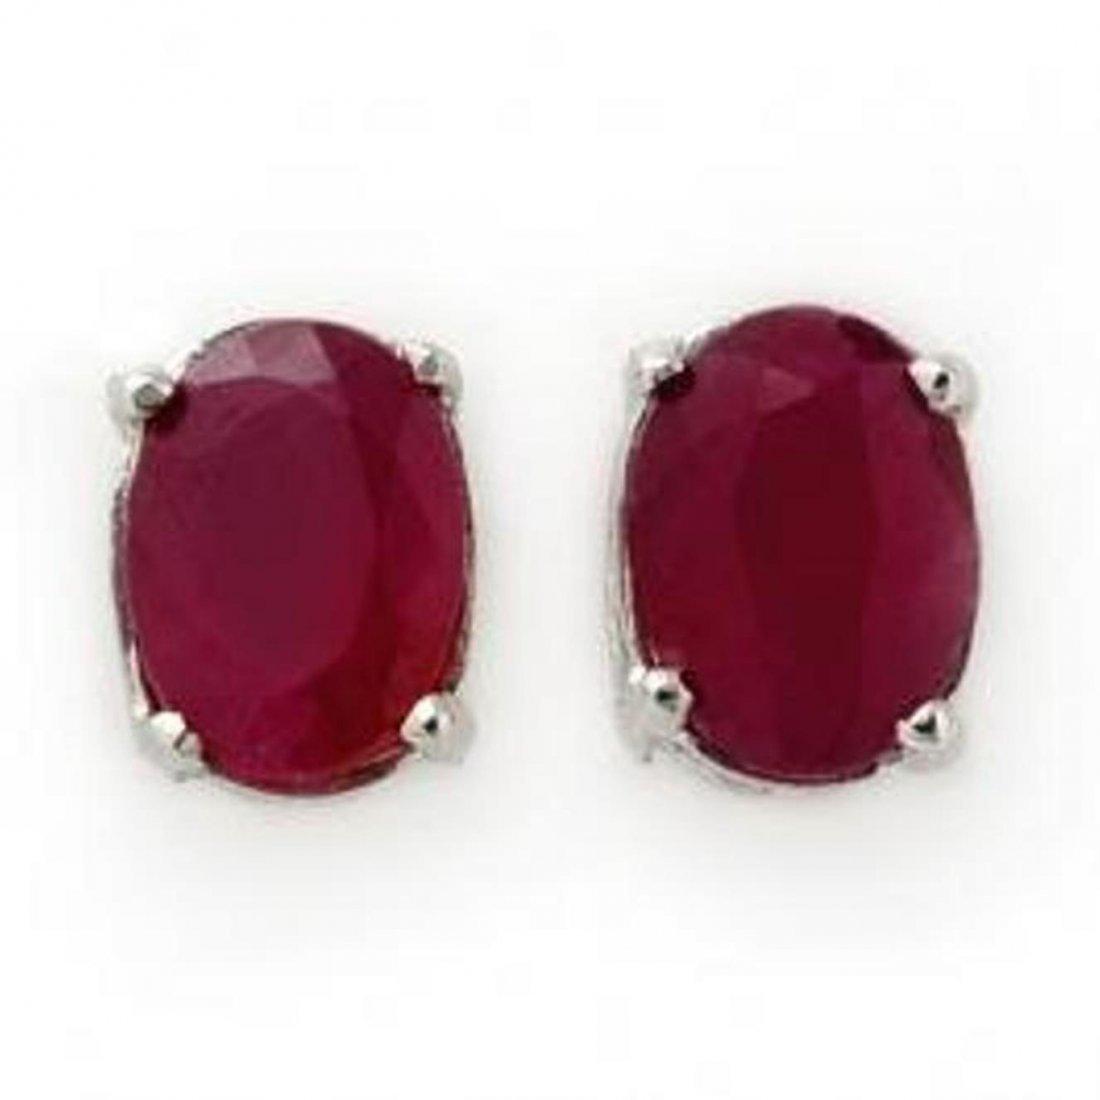 2J: 1.50 ctw Ruby Stud Earrings 14K